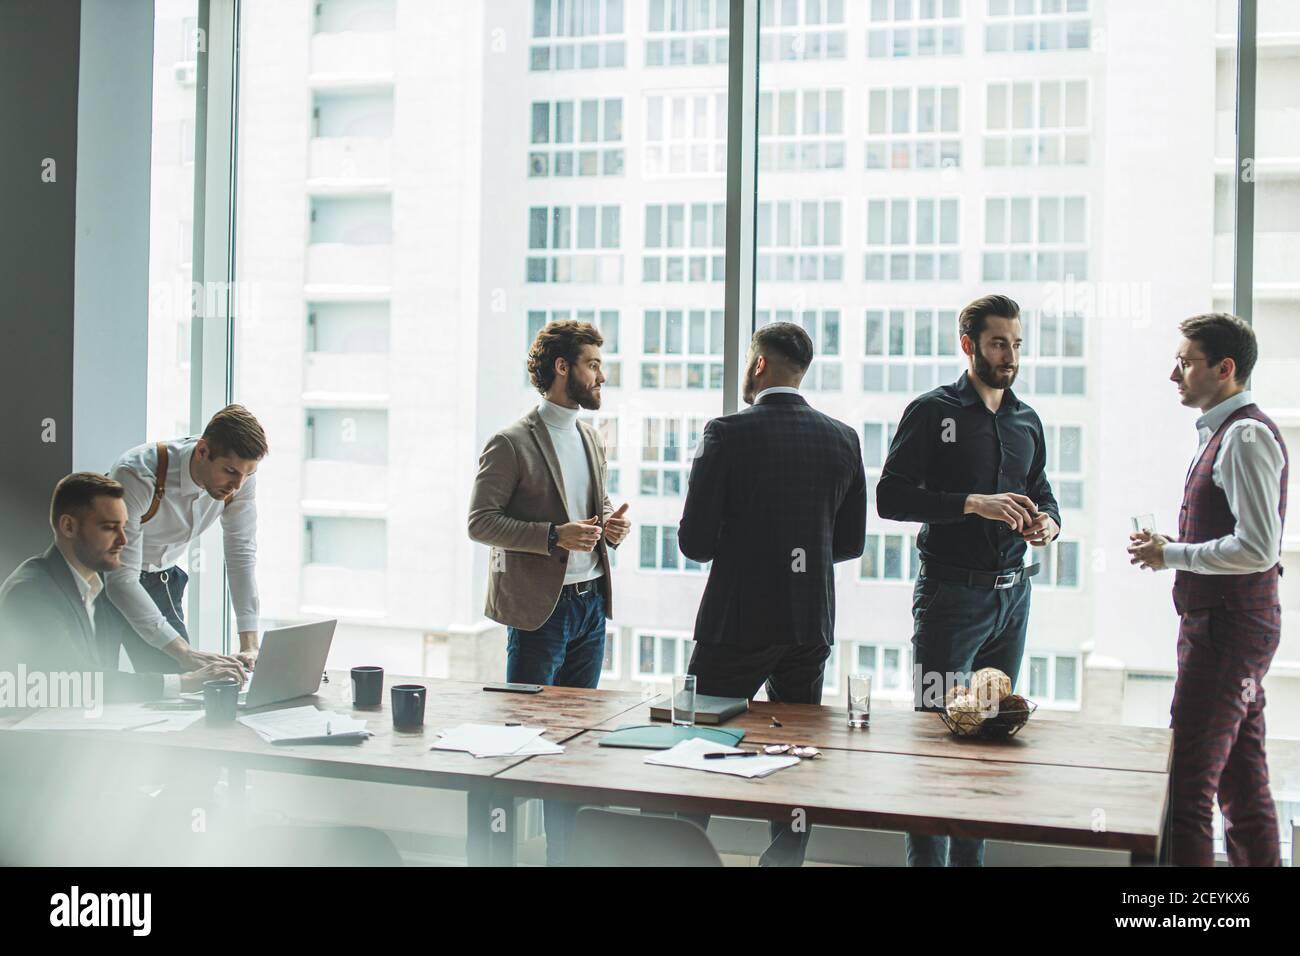 hombres de negocios compañeros de trabajo en la oficina, la tripulación de negocios consistía en hombres jóvenes líderes tienen tiempo de lluvia de ideas, discutir, crear y desarrollar nuevos proje de negocios Foto de stock